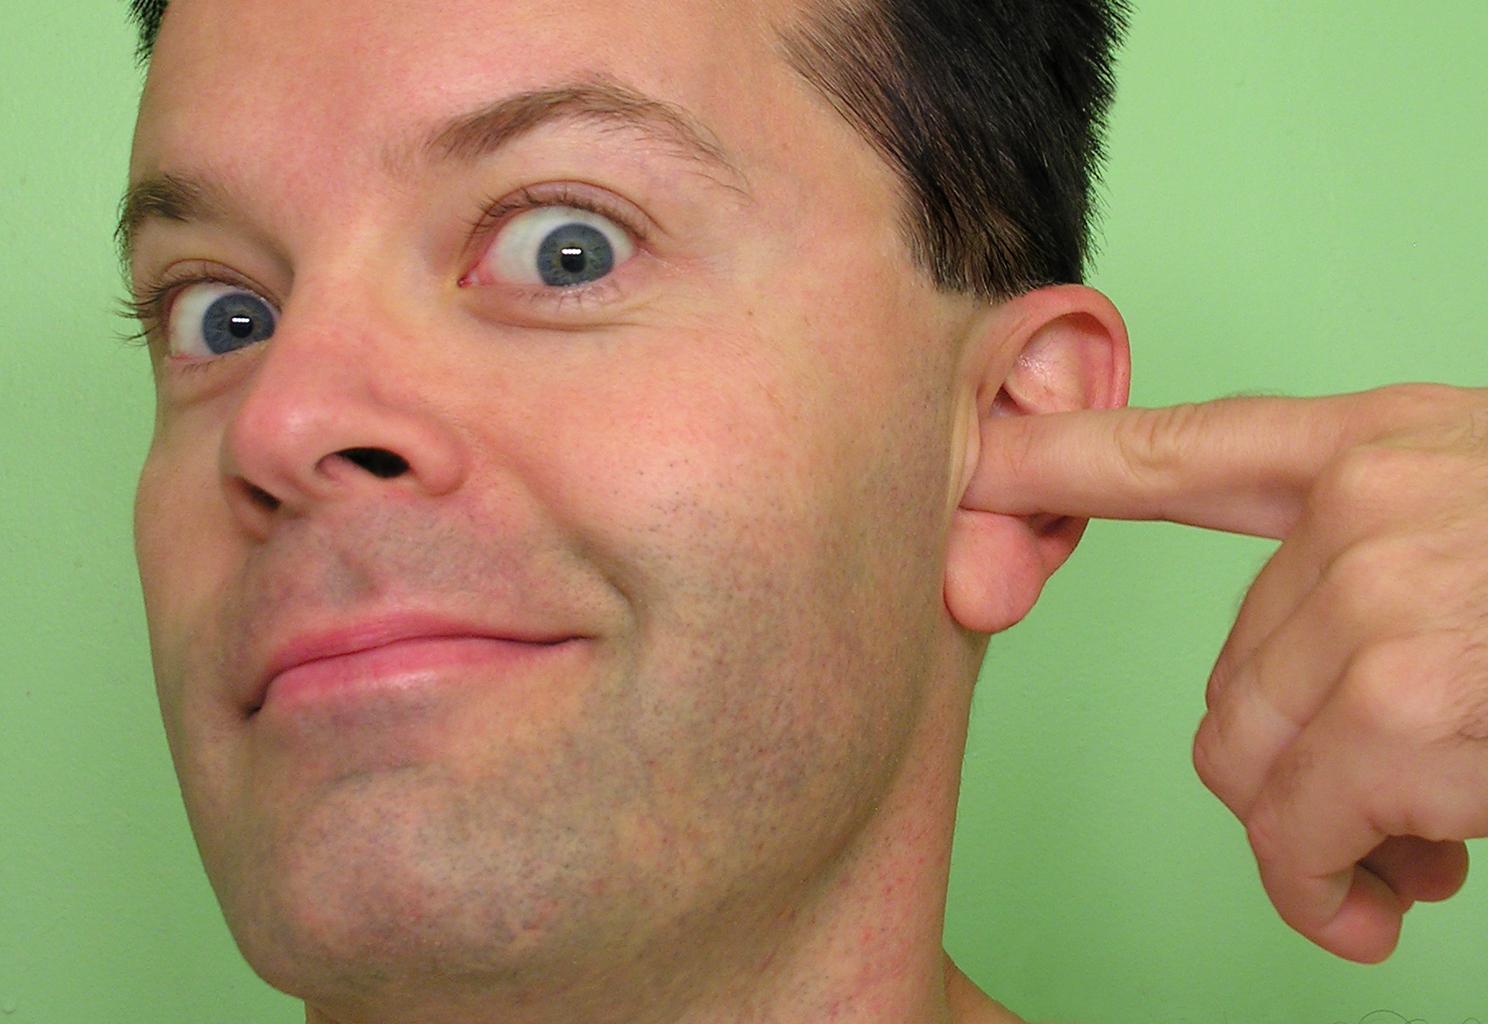 Ear Sex Now a Viable Alternative